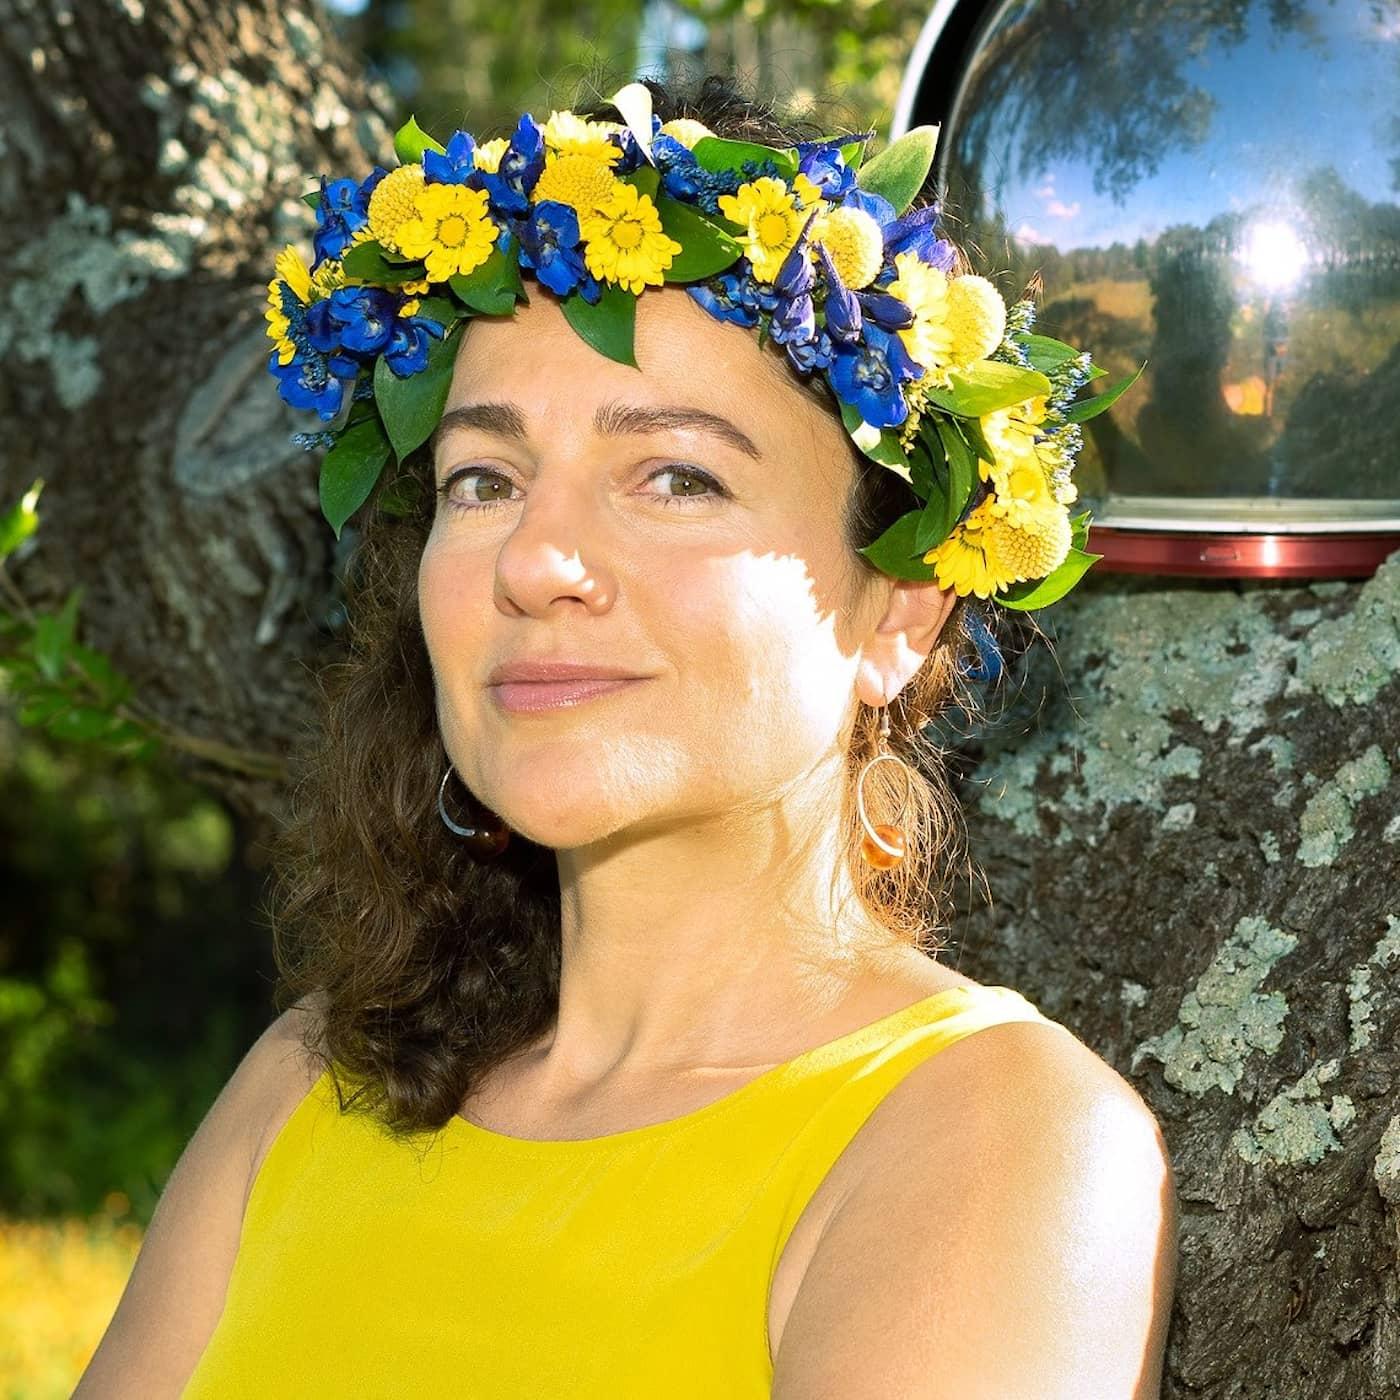 Jessica Meir